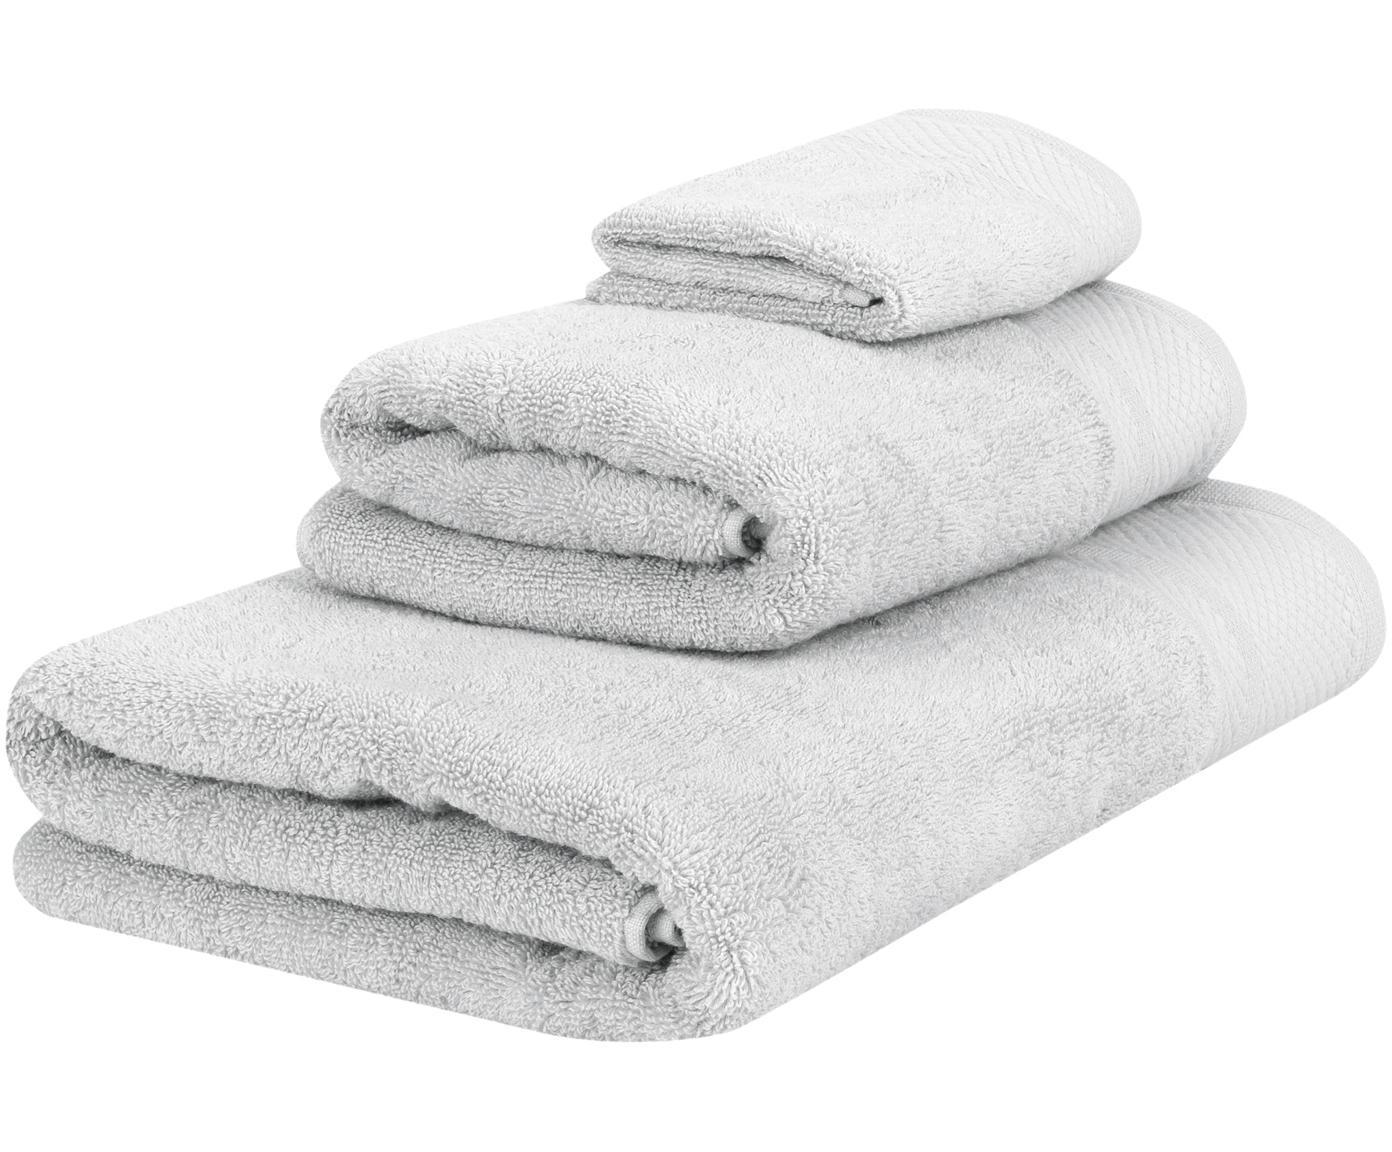 Handdoekenset Premium, 3-delig, 100% katoen, zware kwaliteit, 600 g/m², Lichtgrijs, Verschillende formaten